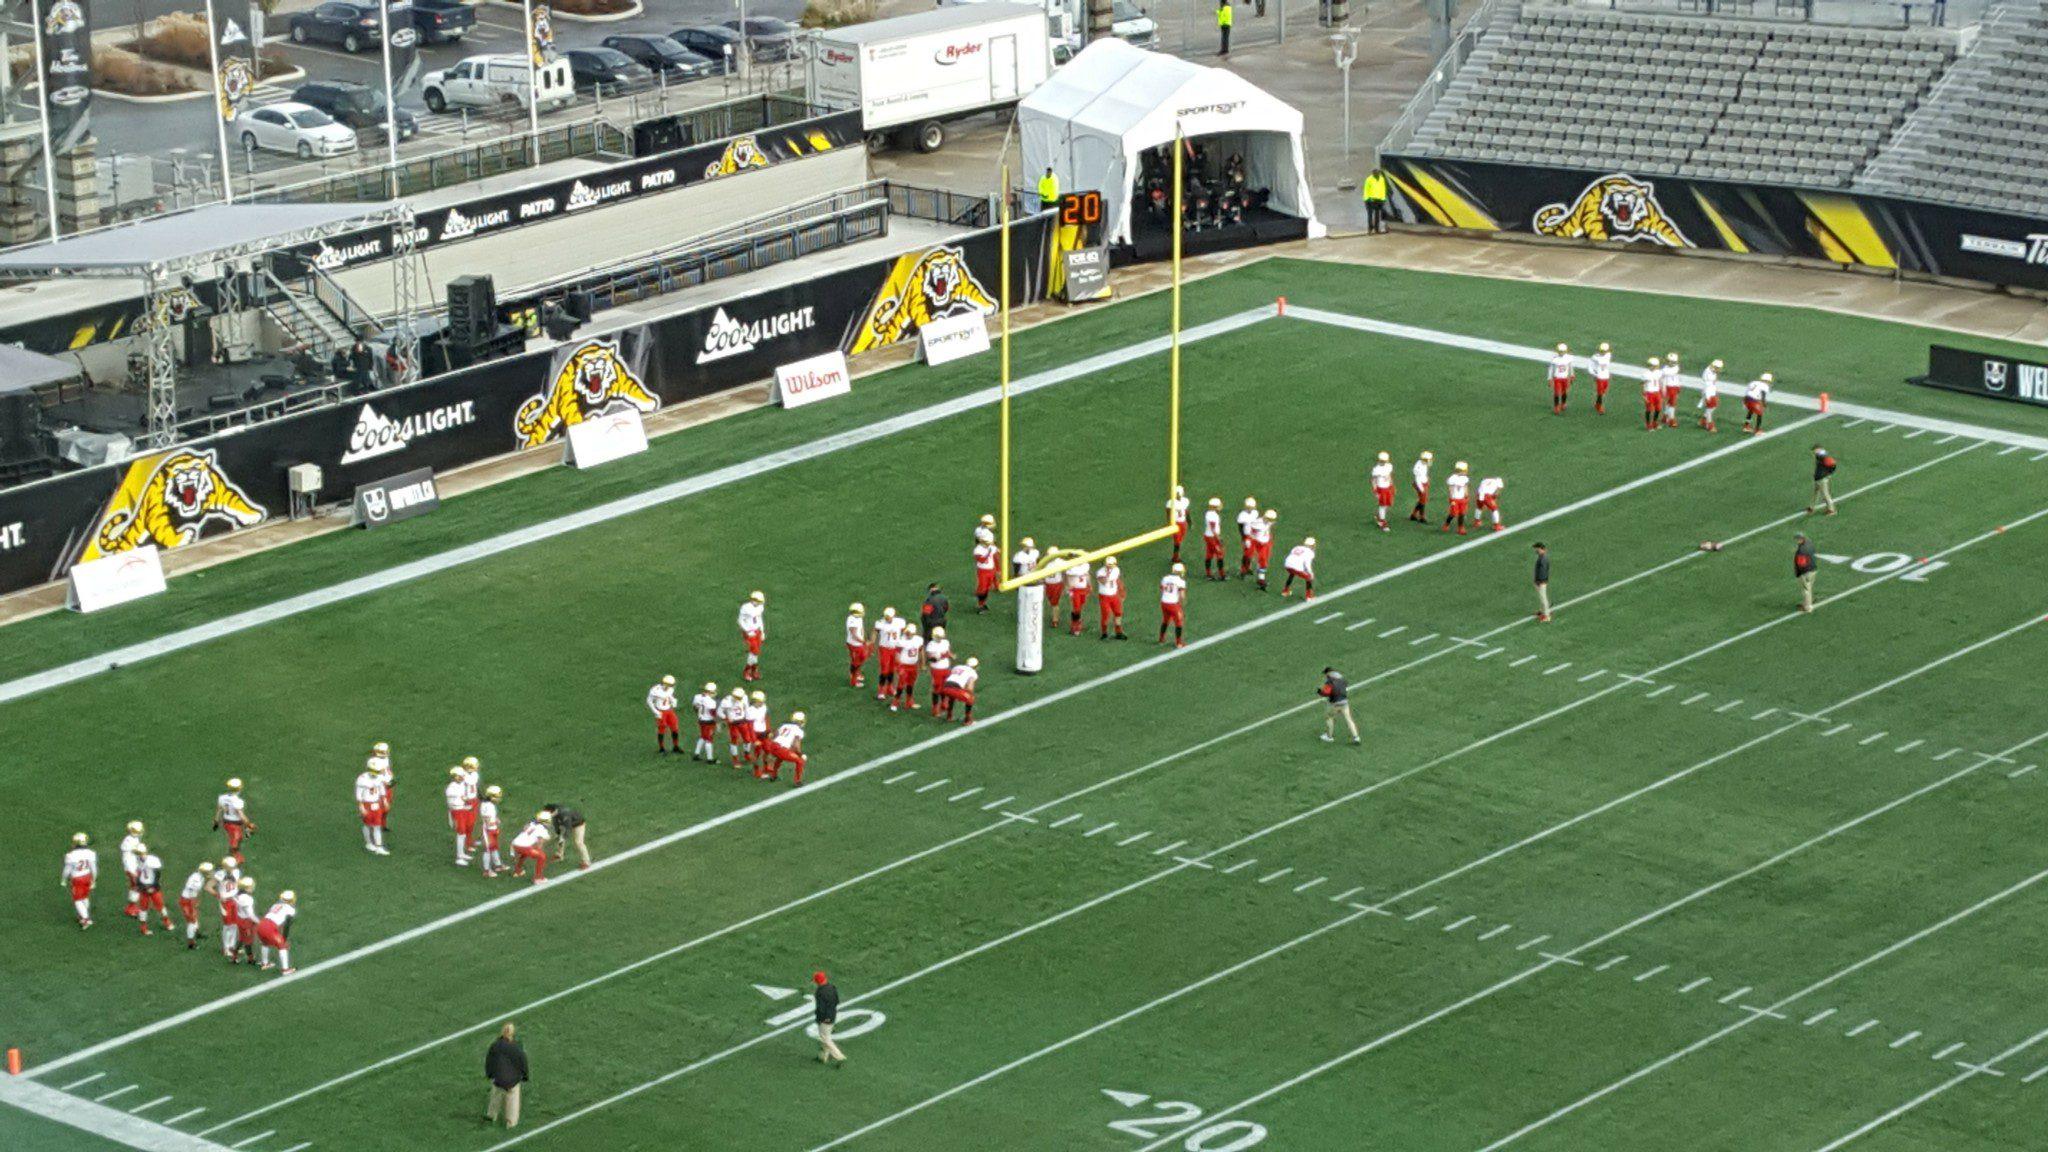 Laval's pregame warmup